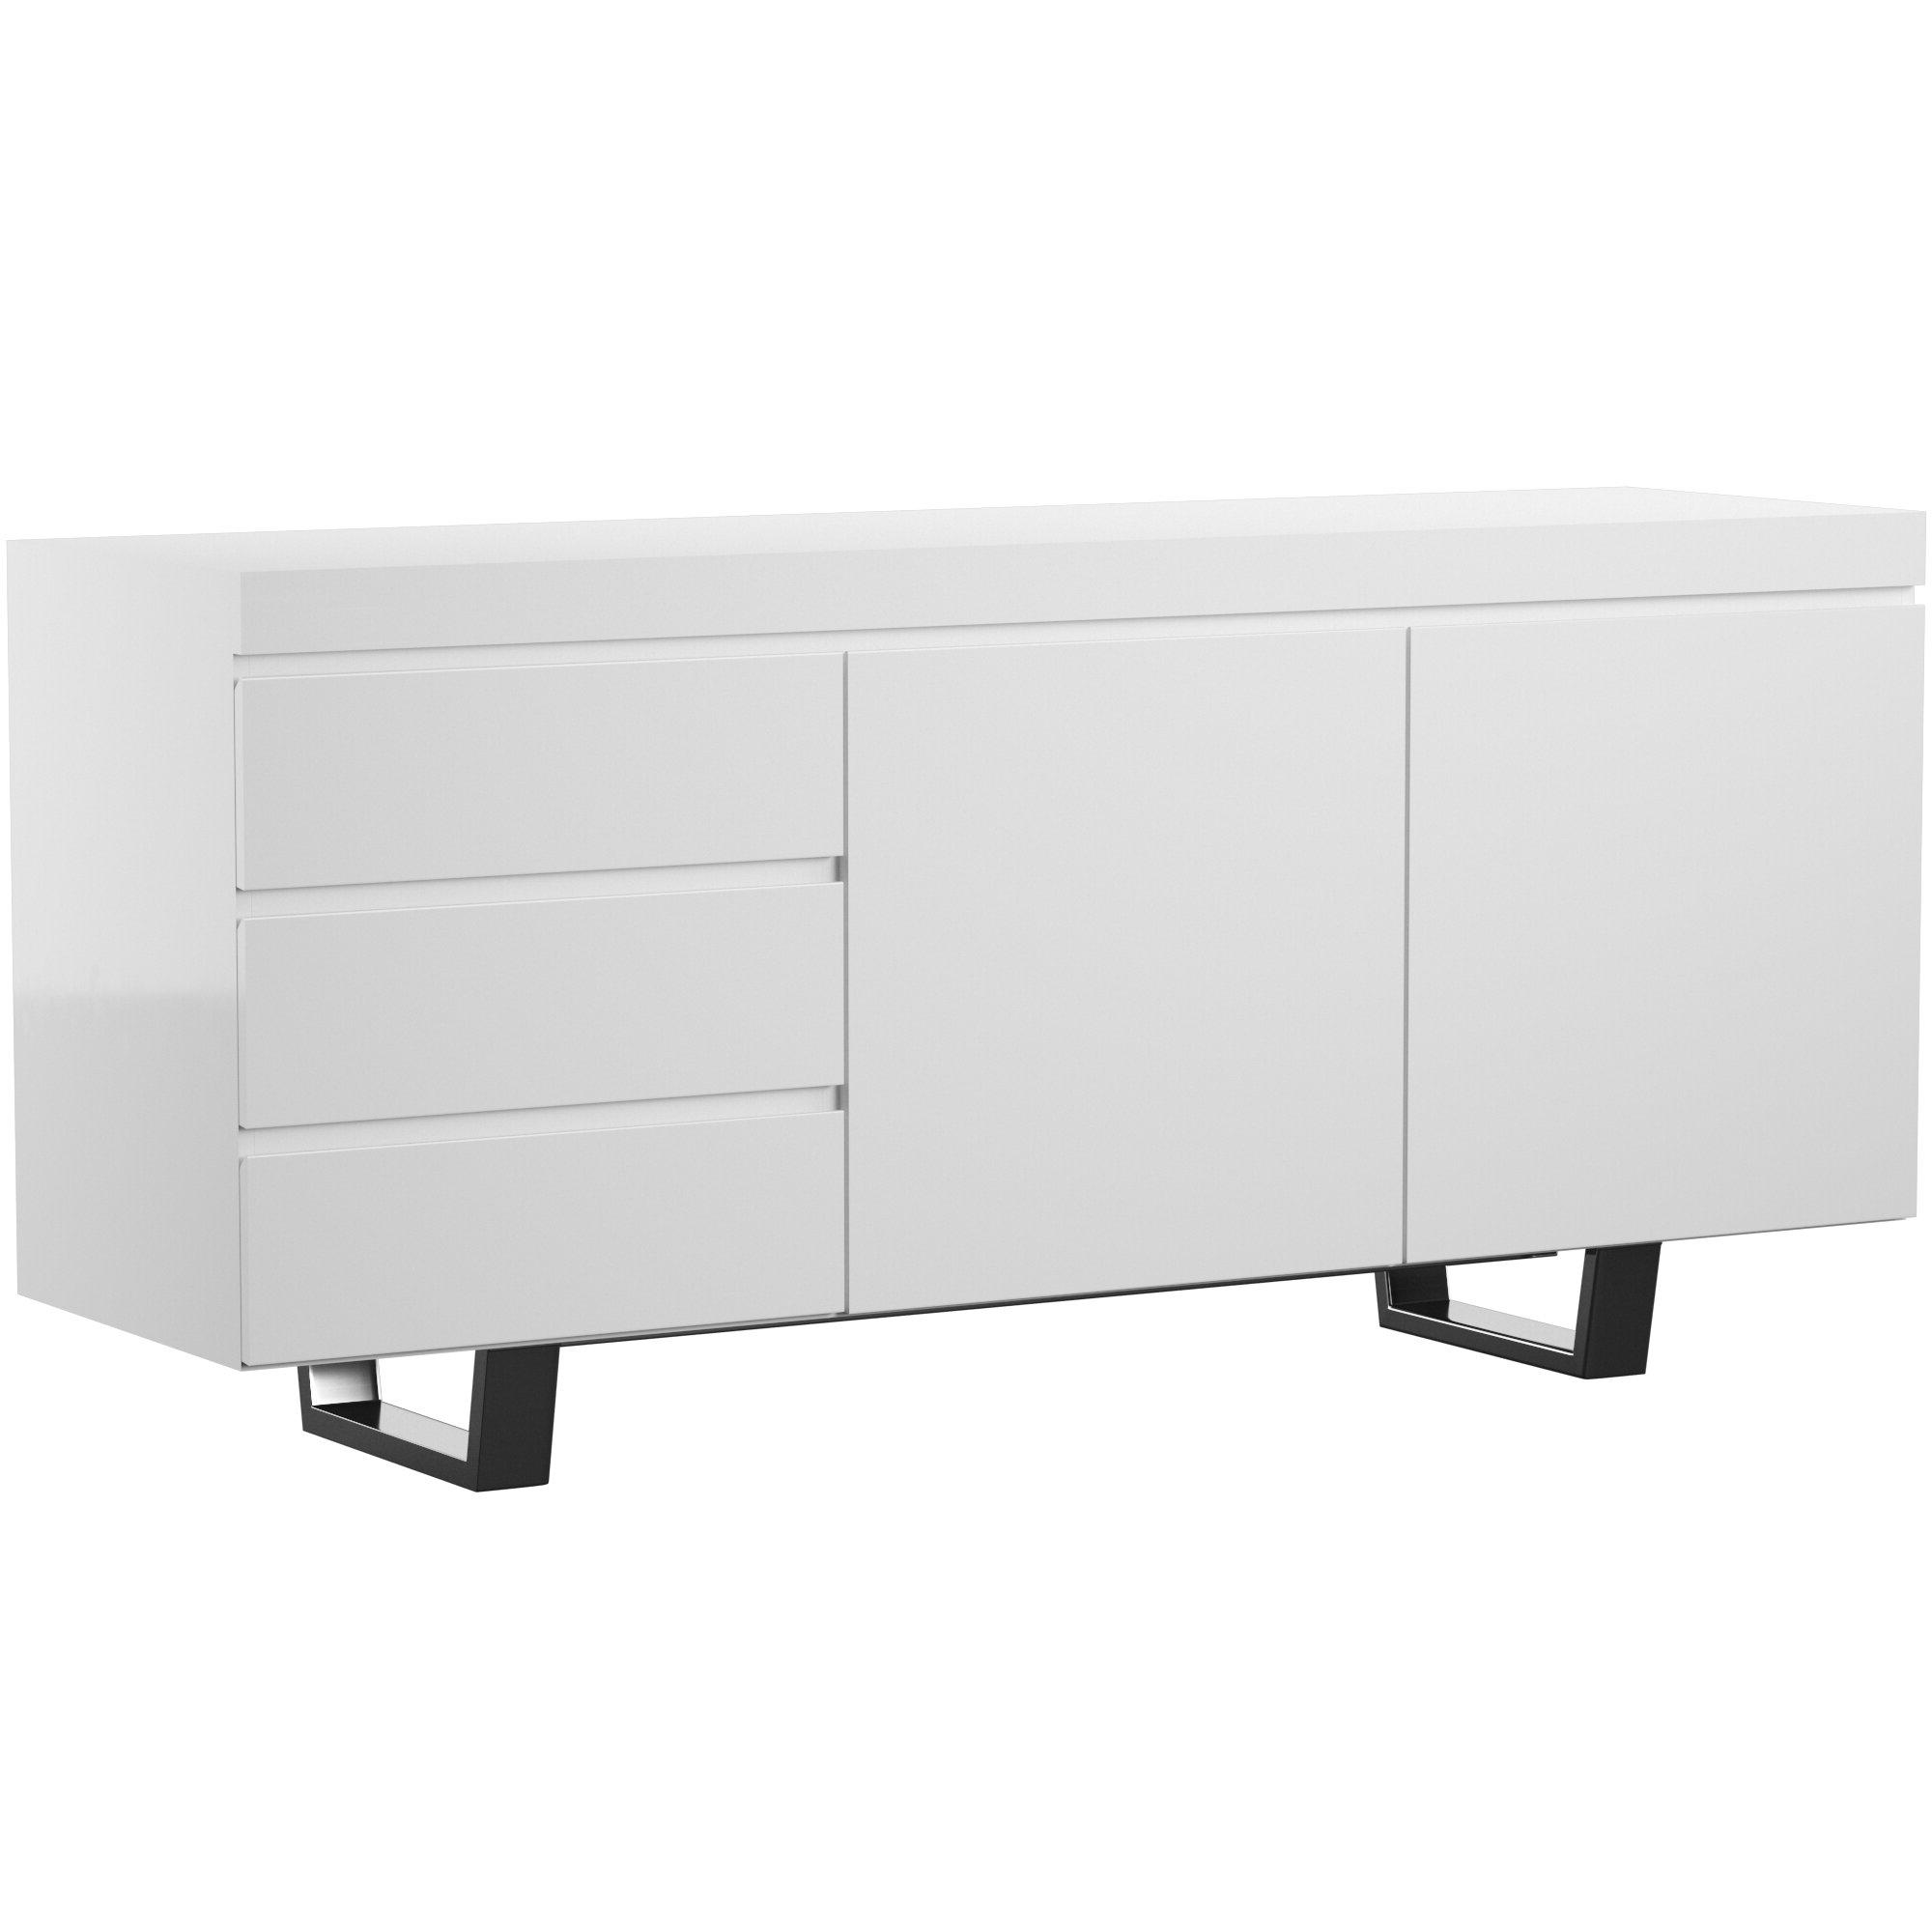 Sienna Sideboard Regarding Wendell Sideboards (View 6 of 20)